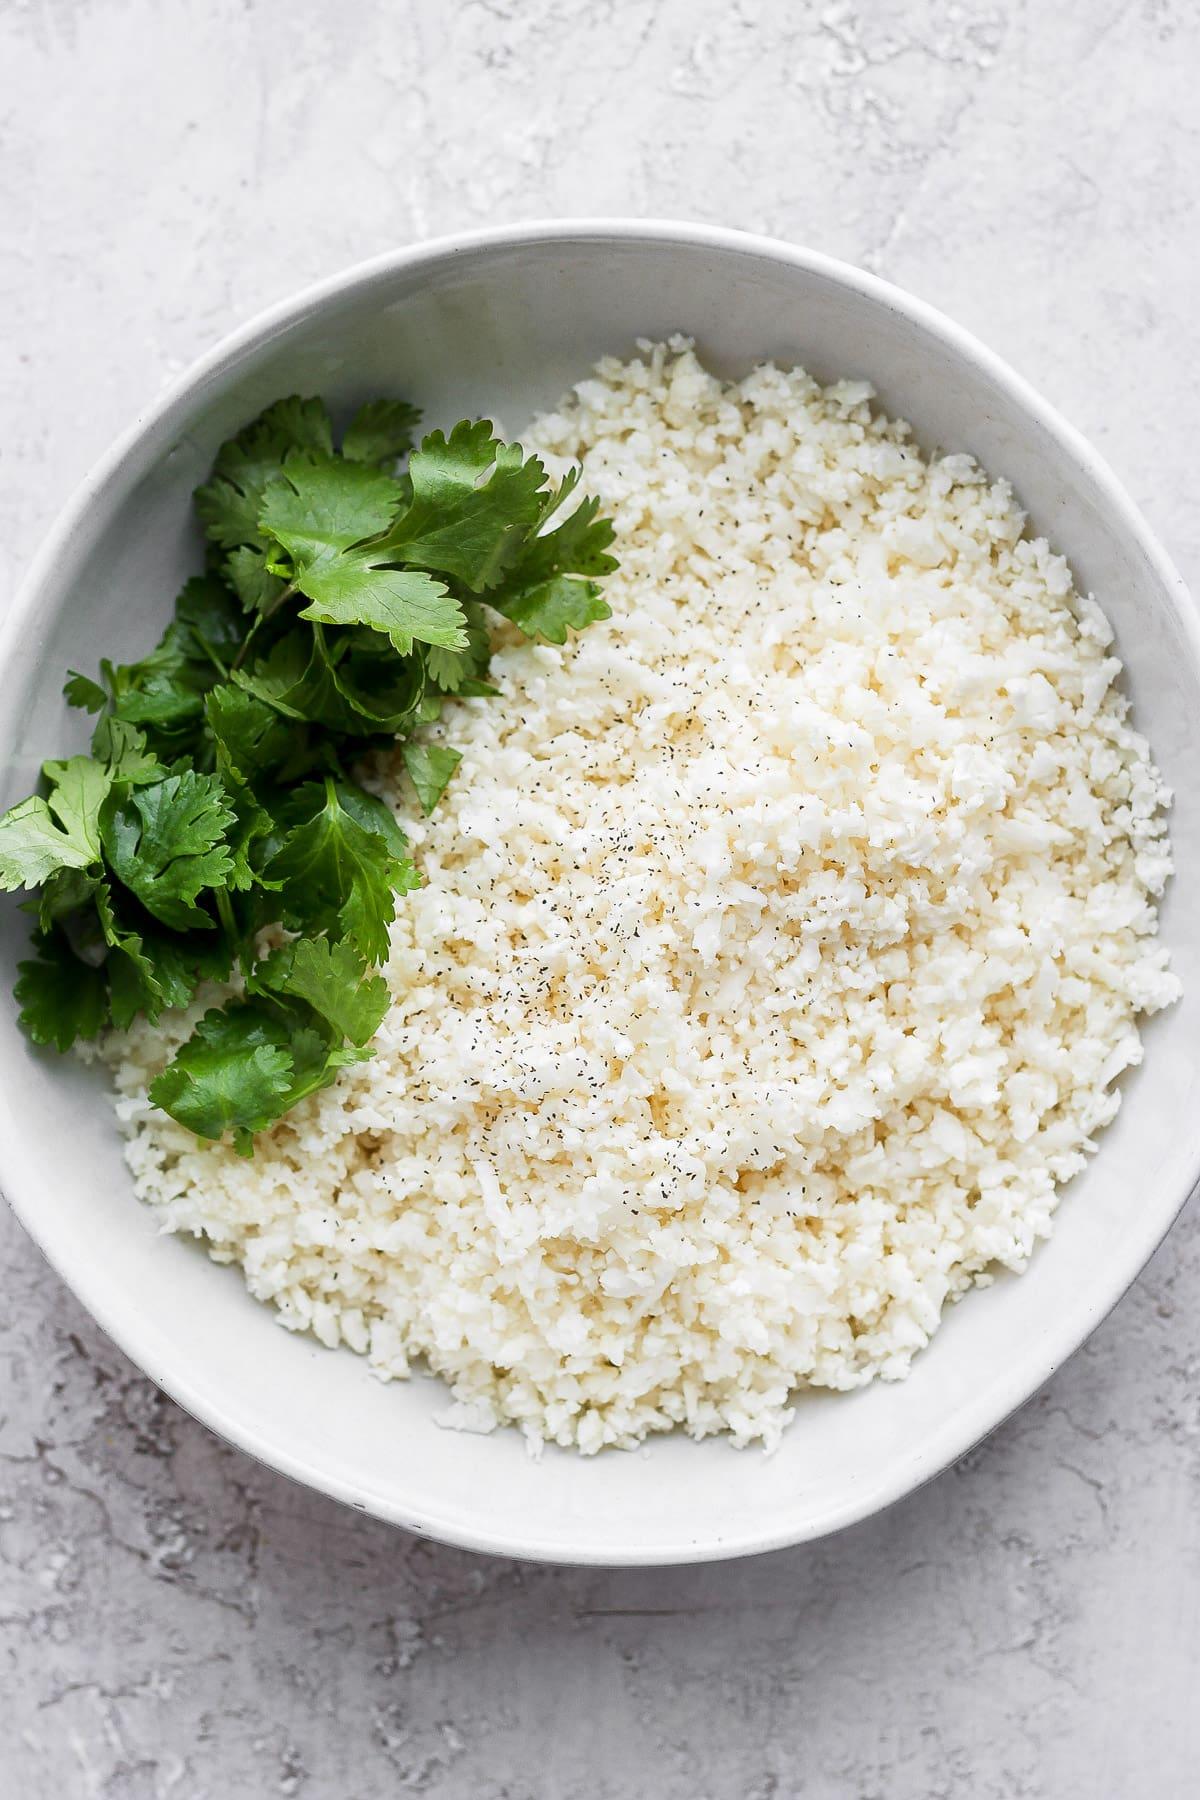 Cauliflower in a bowl with fresh cilantro.